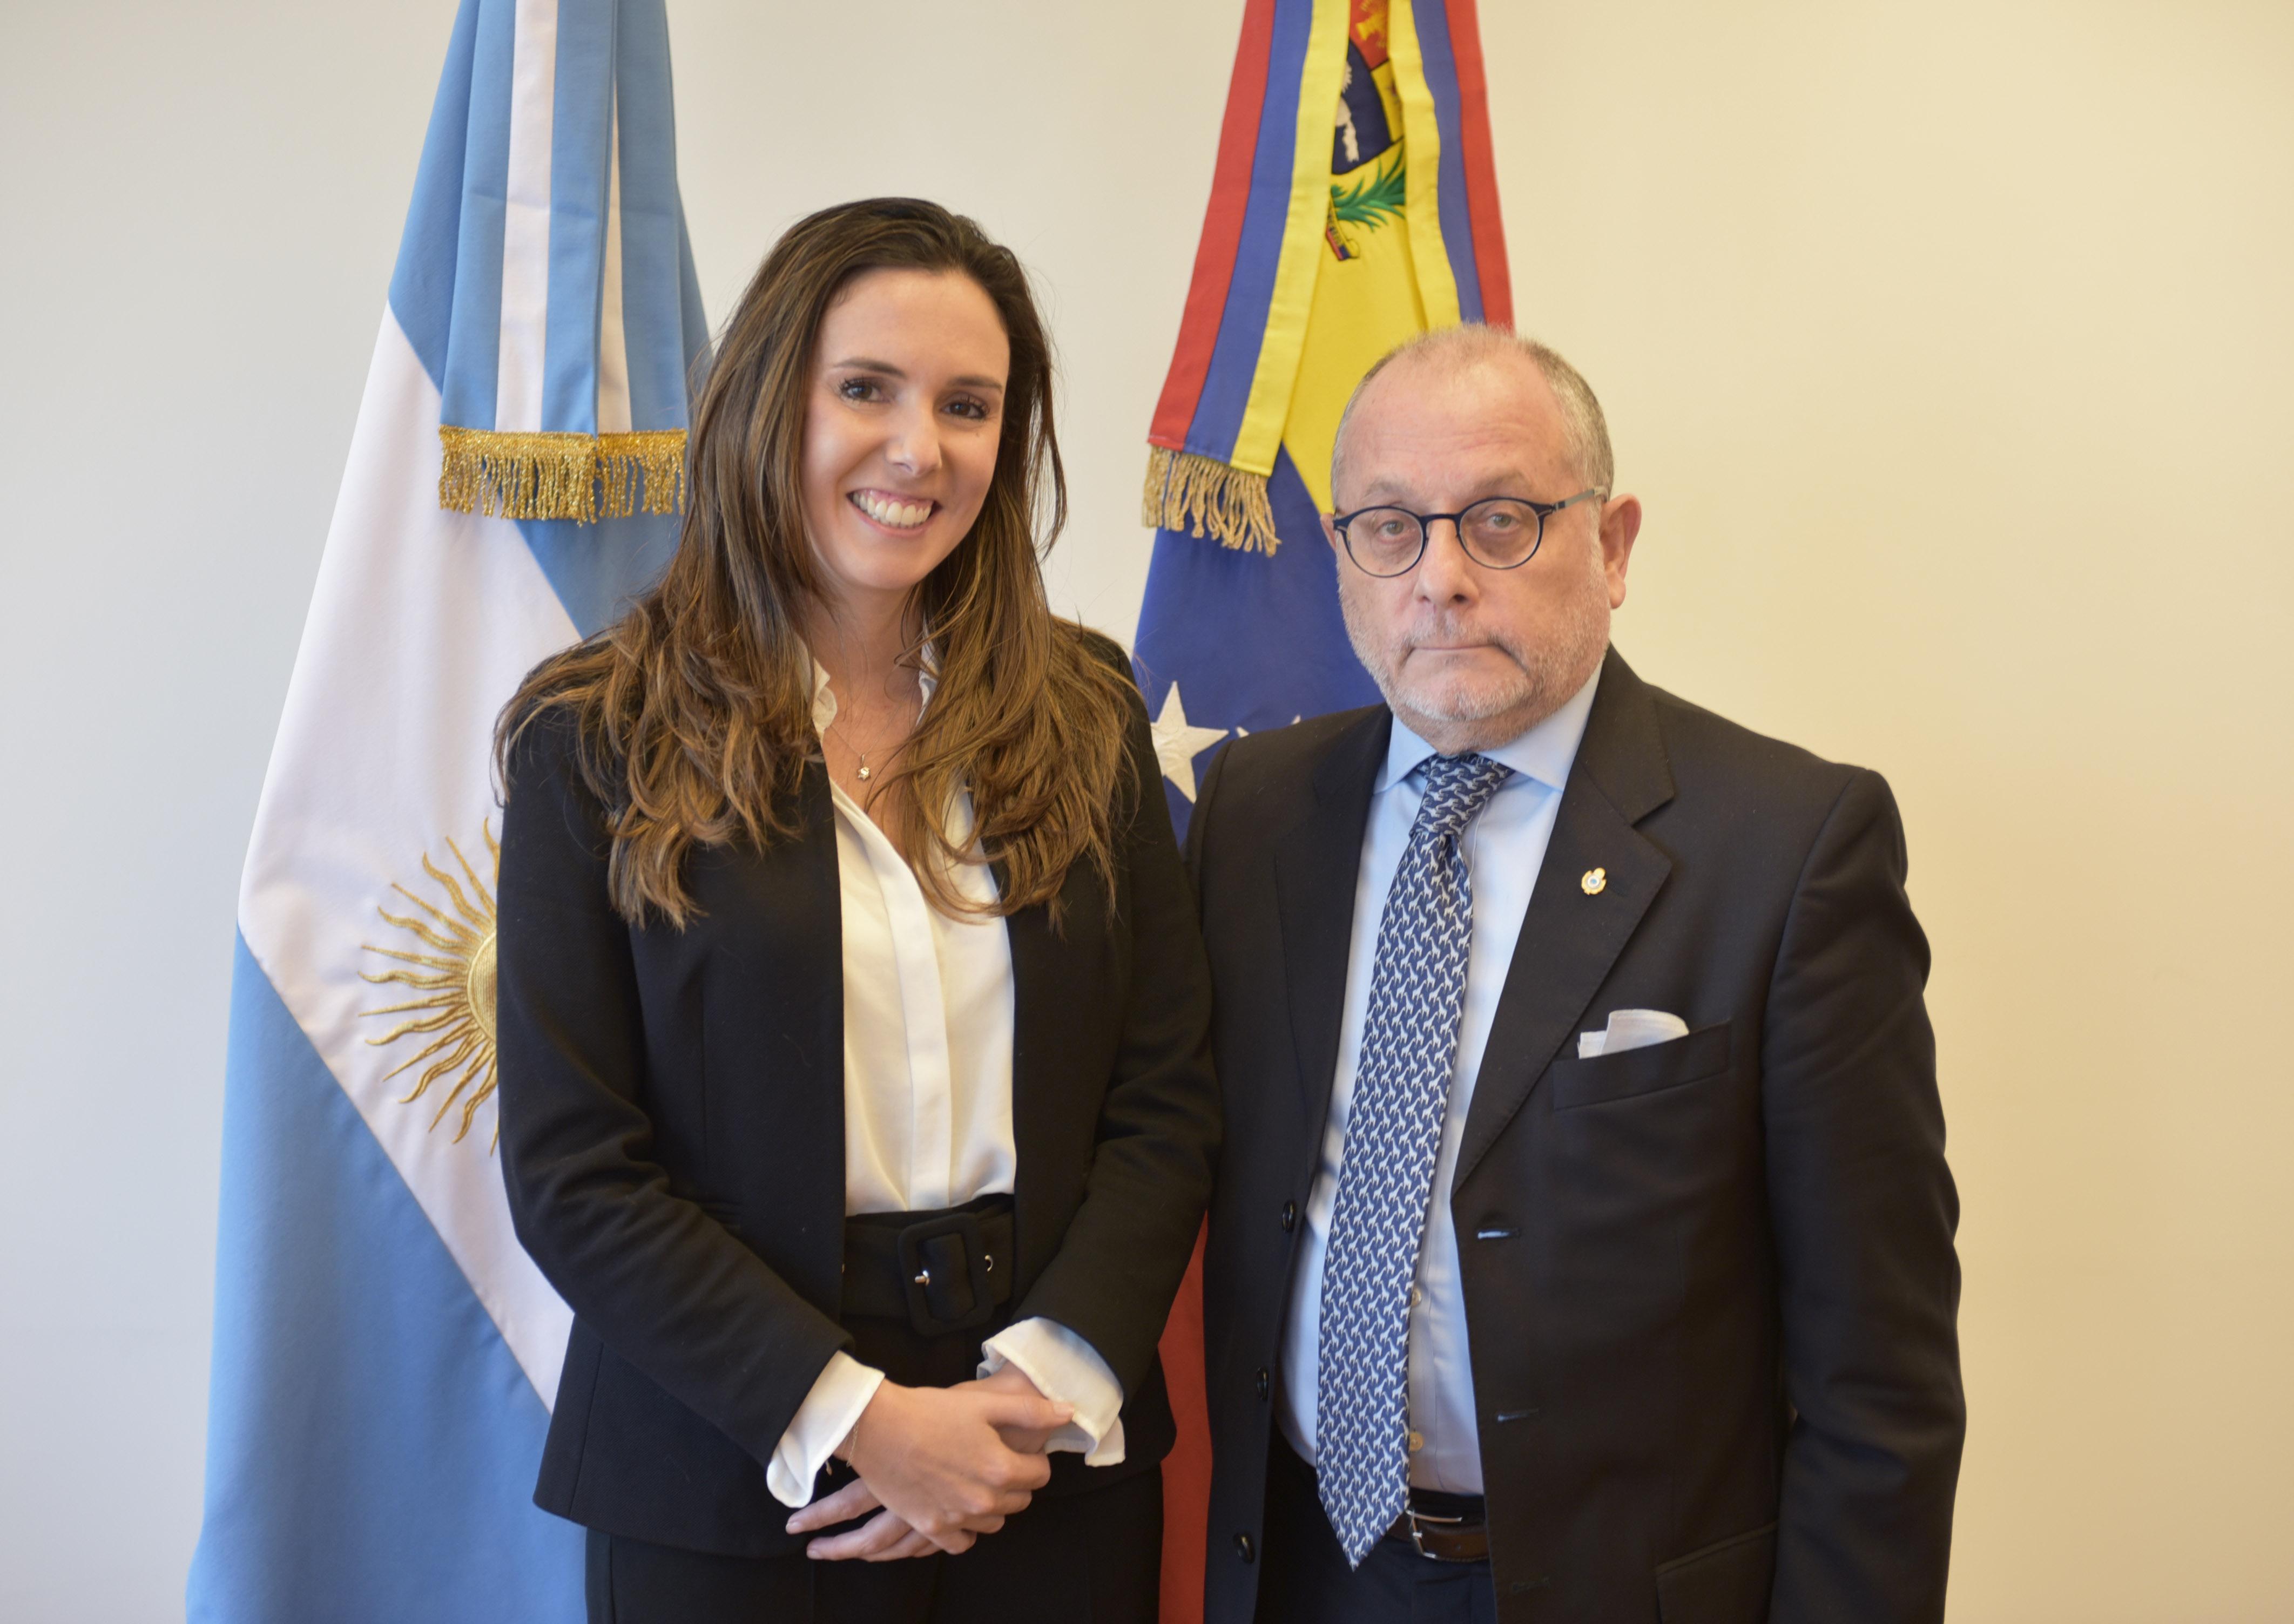 La terrorista venezolana Elisa Trotta y el canciller del régimen argentino Jorge Faurie.